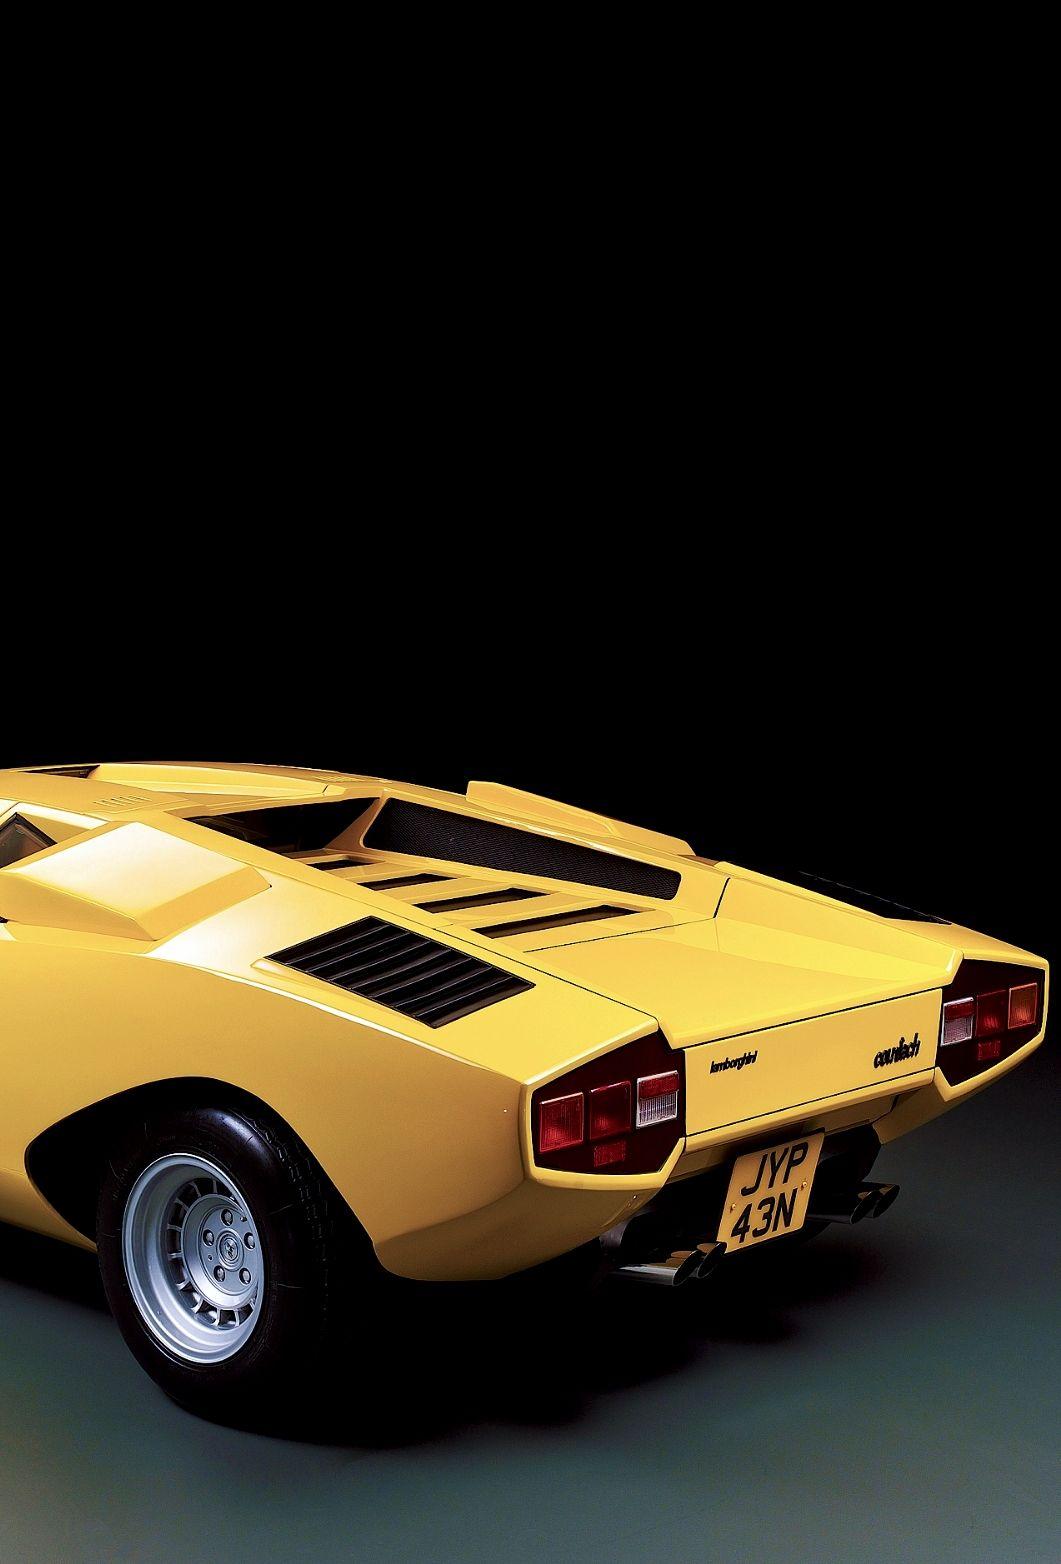 Industrial Design Lamborghini Countach Via Officineottiche